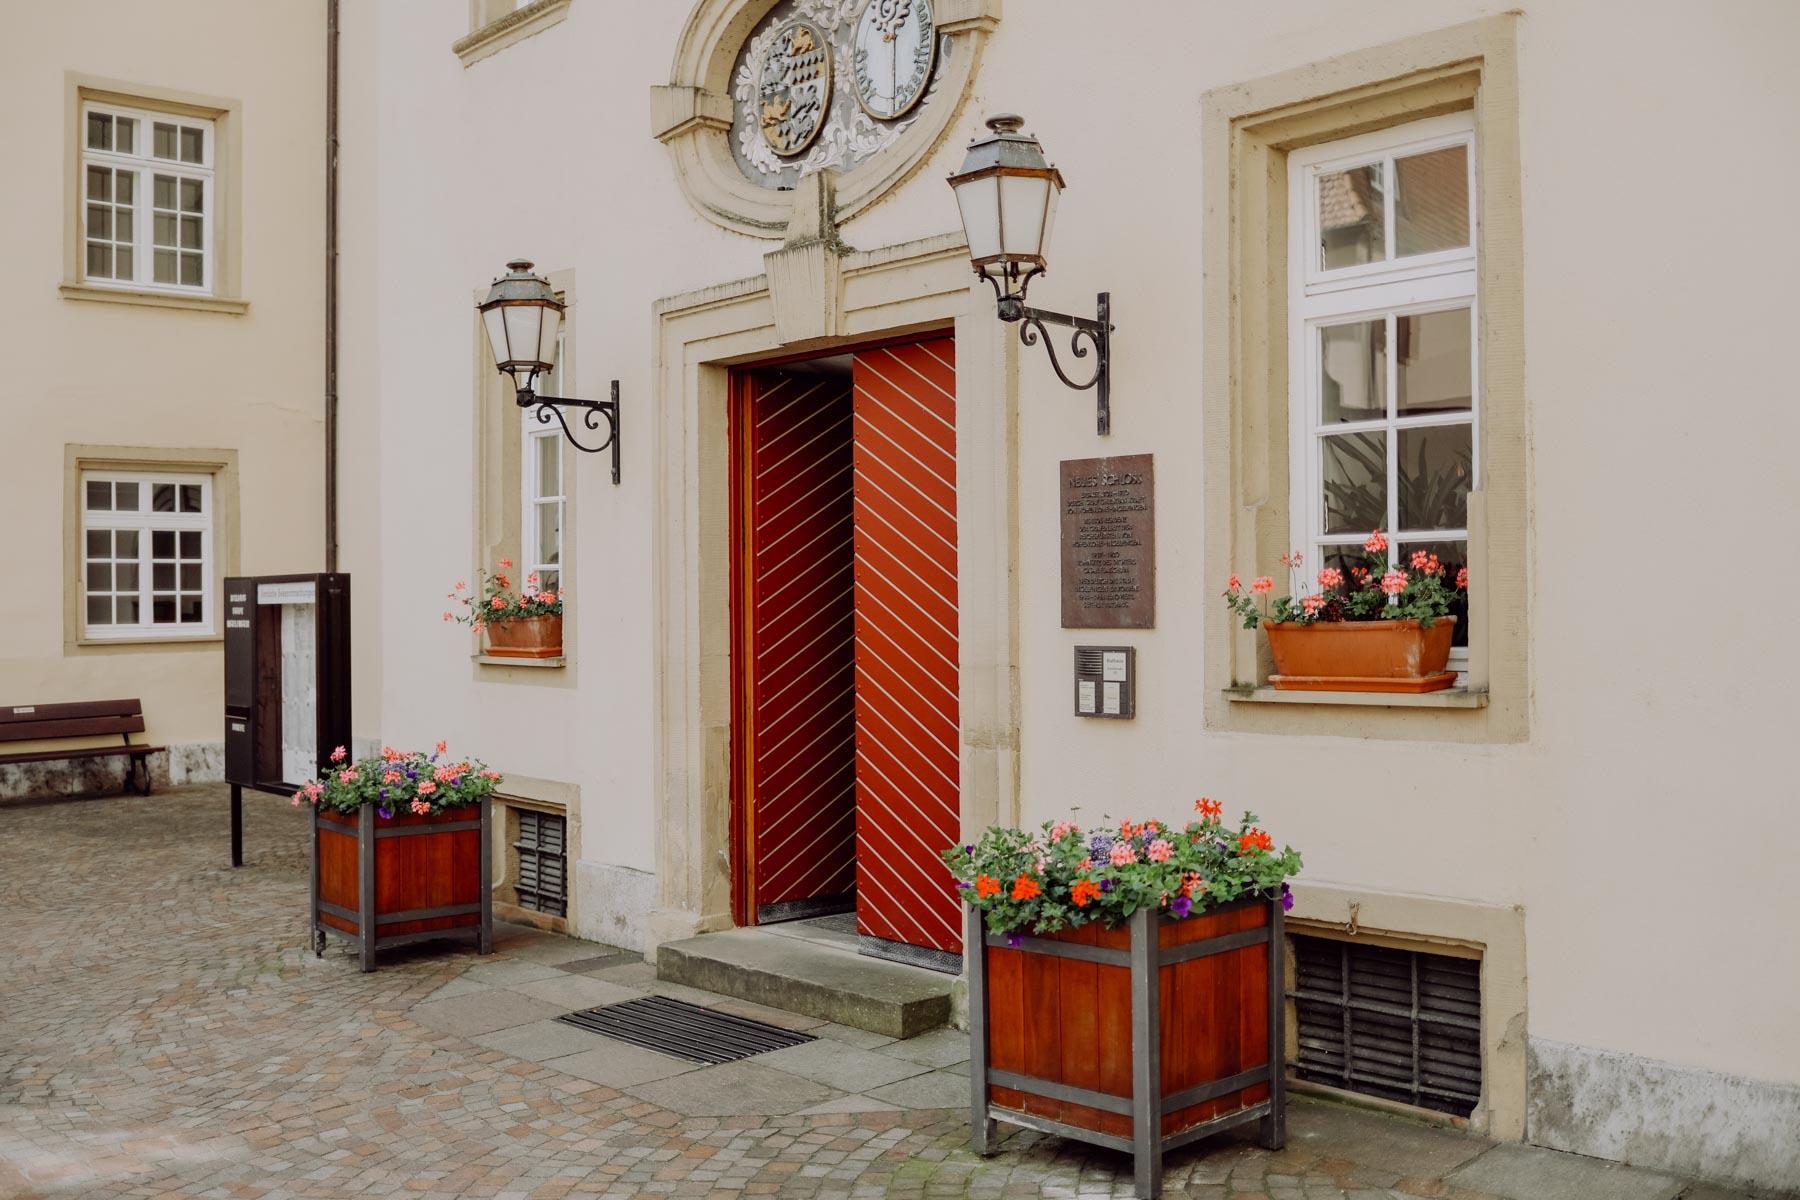 Eingang mit Blumenkübeln und Laternen am Haus